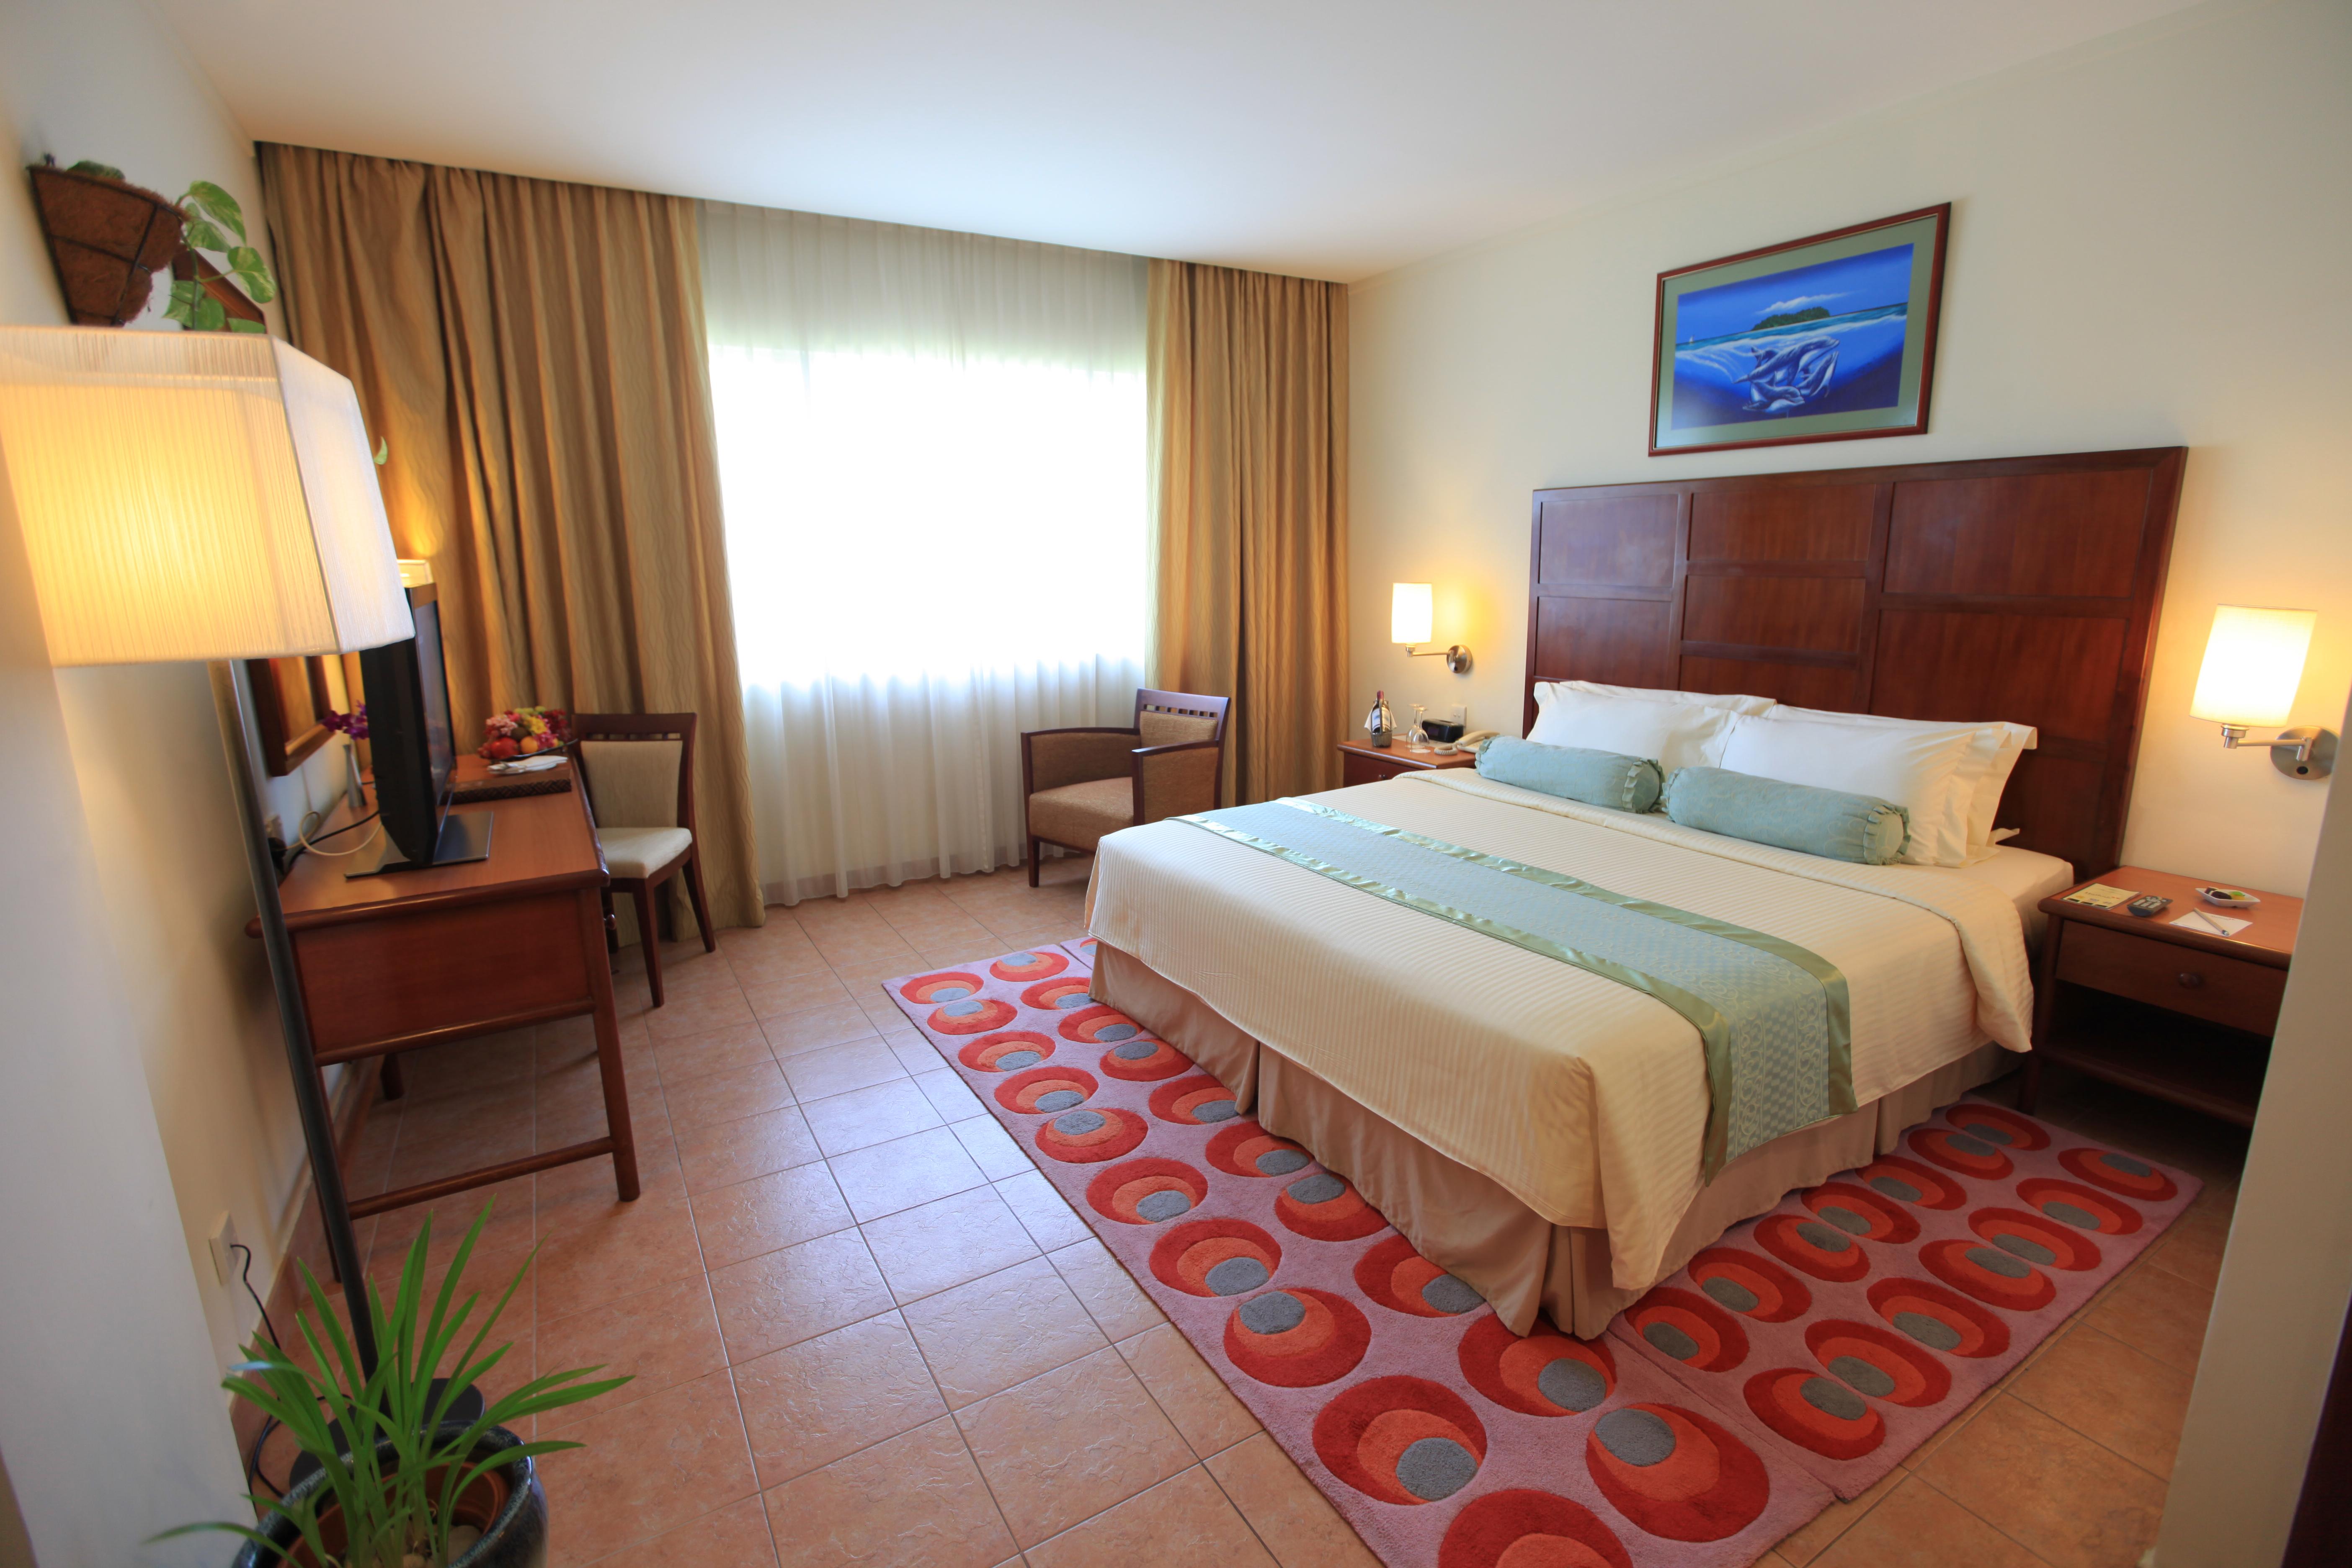 Hulhule Island Hotel en MALDIVES - MALE (ZONE 3)